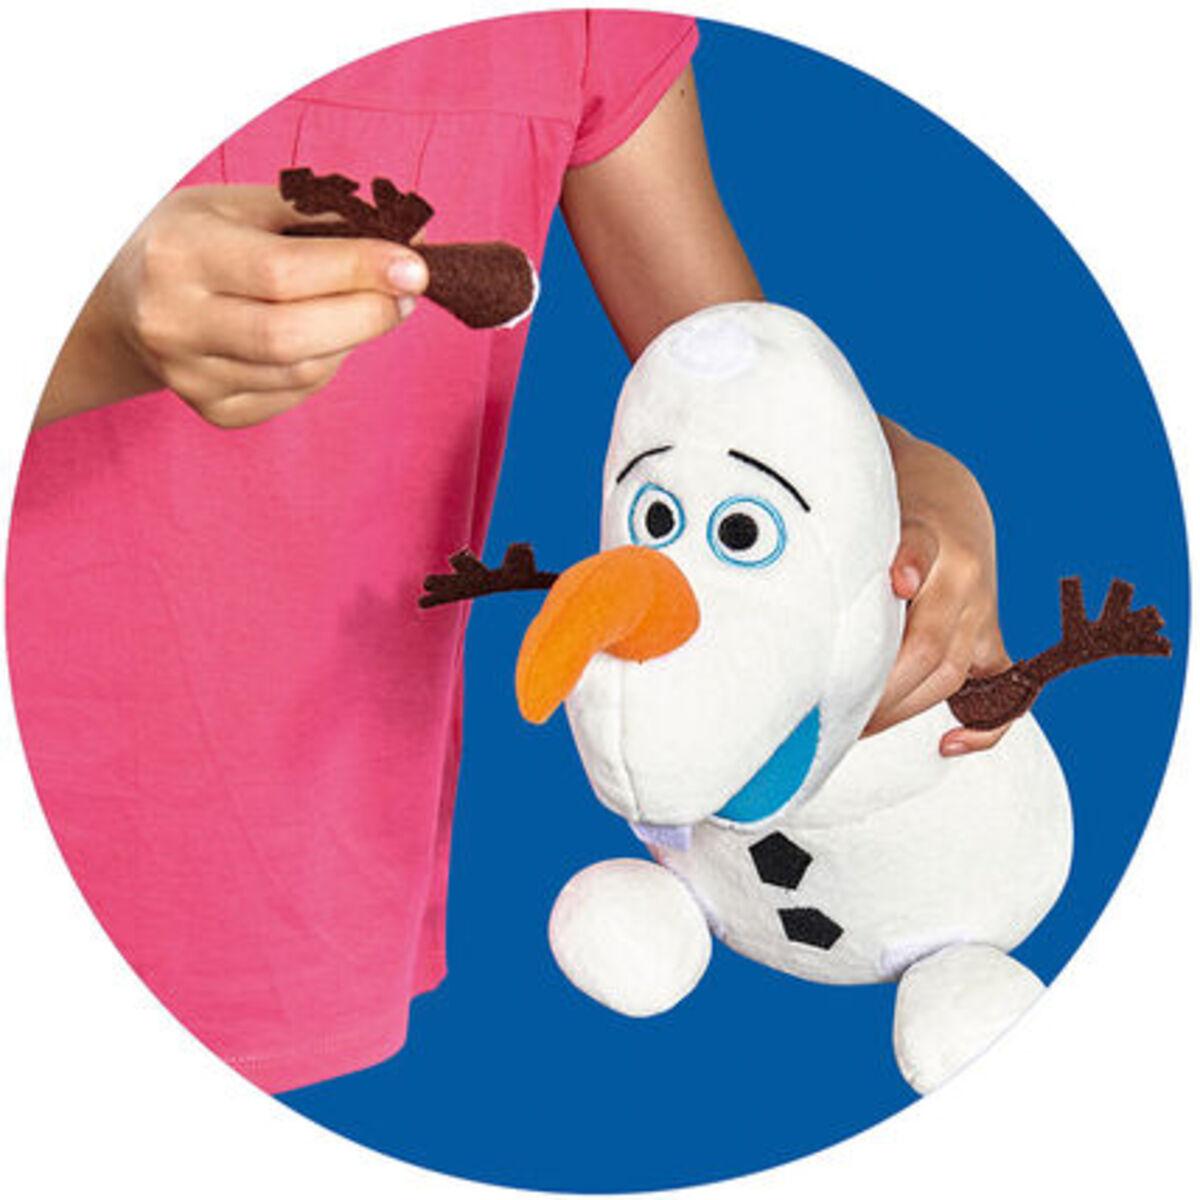 """Bild 3 von Simba Plüschfigur Olaf """"Disney Die Eiskönigin"""", weiß"""